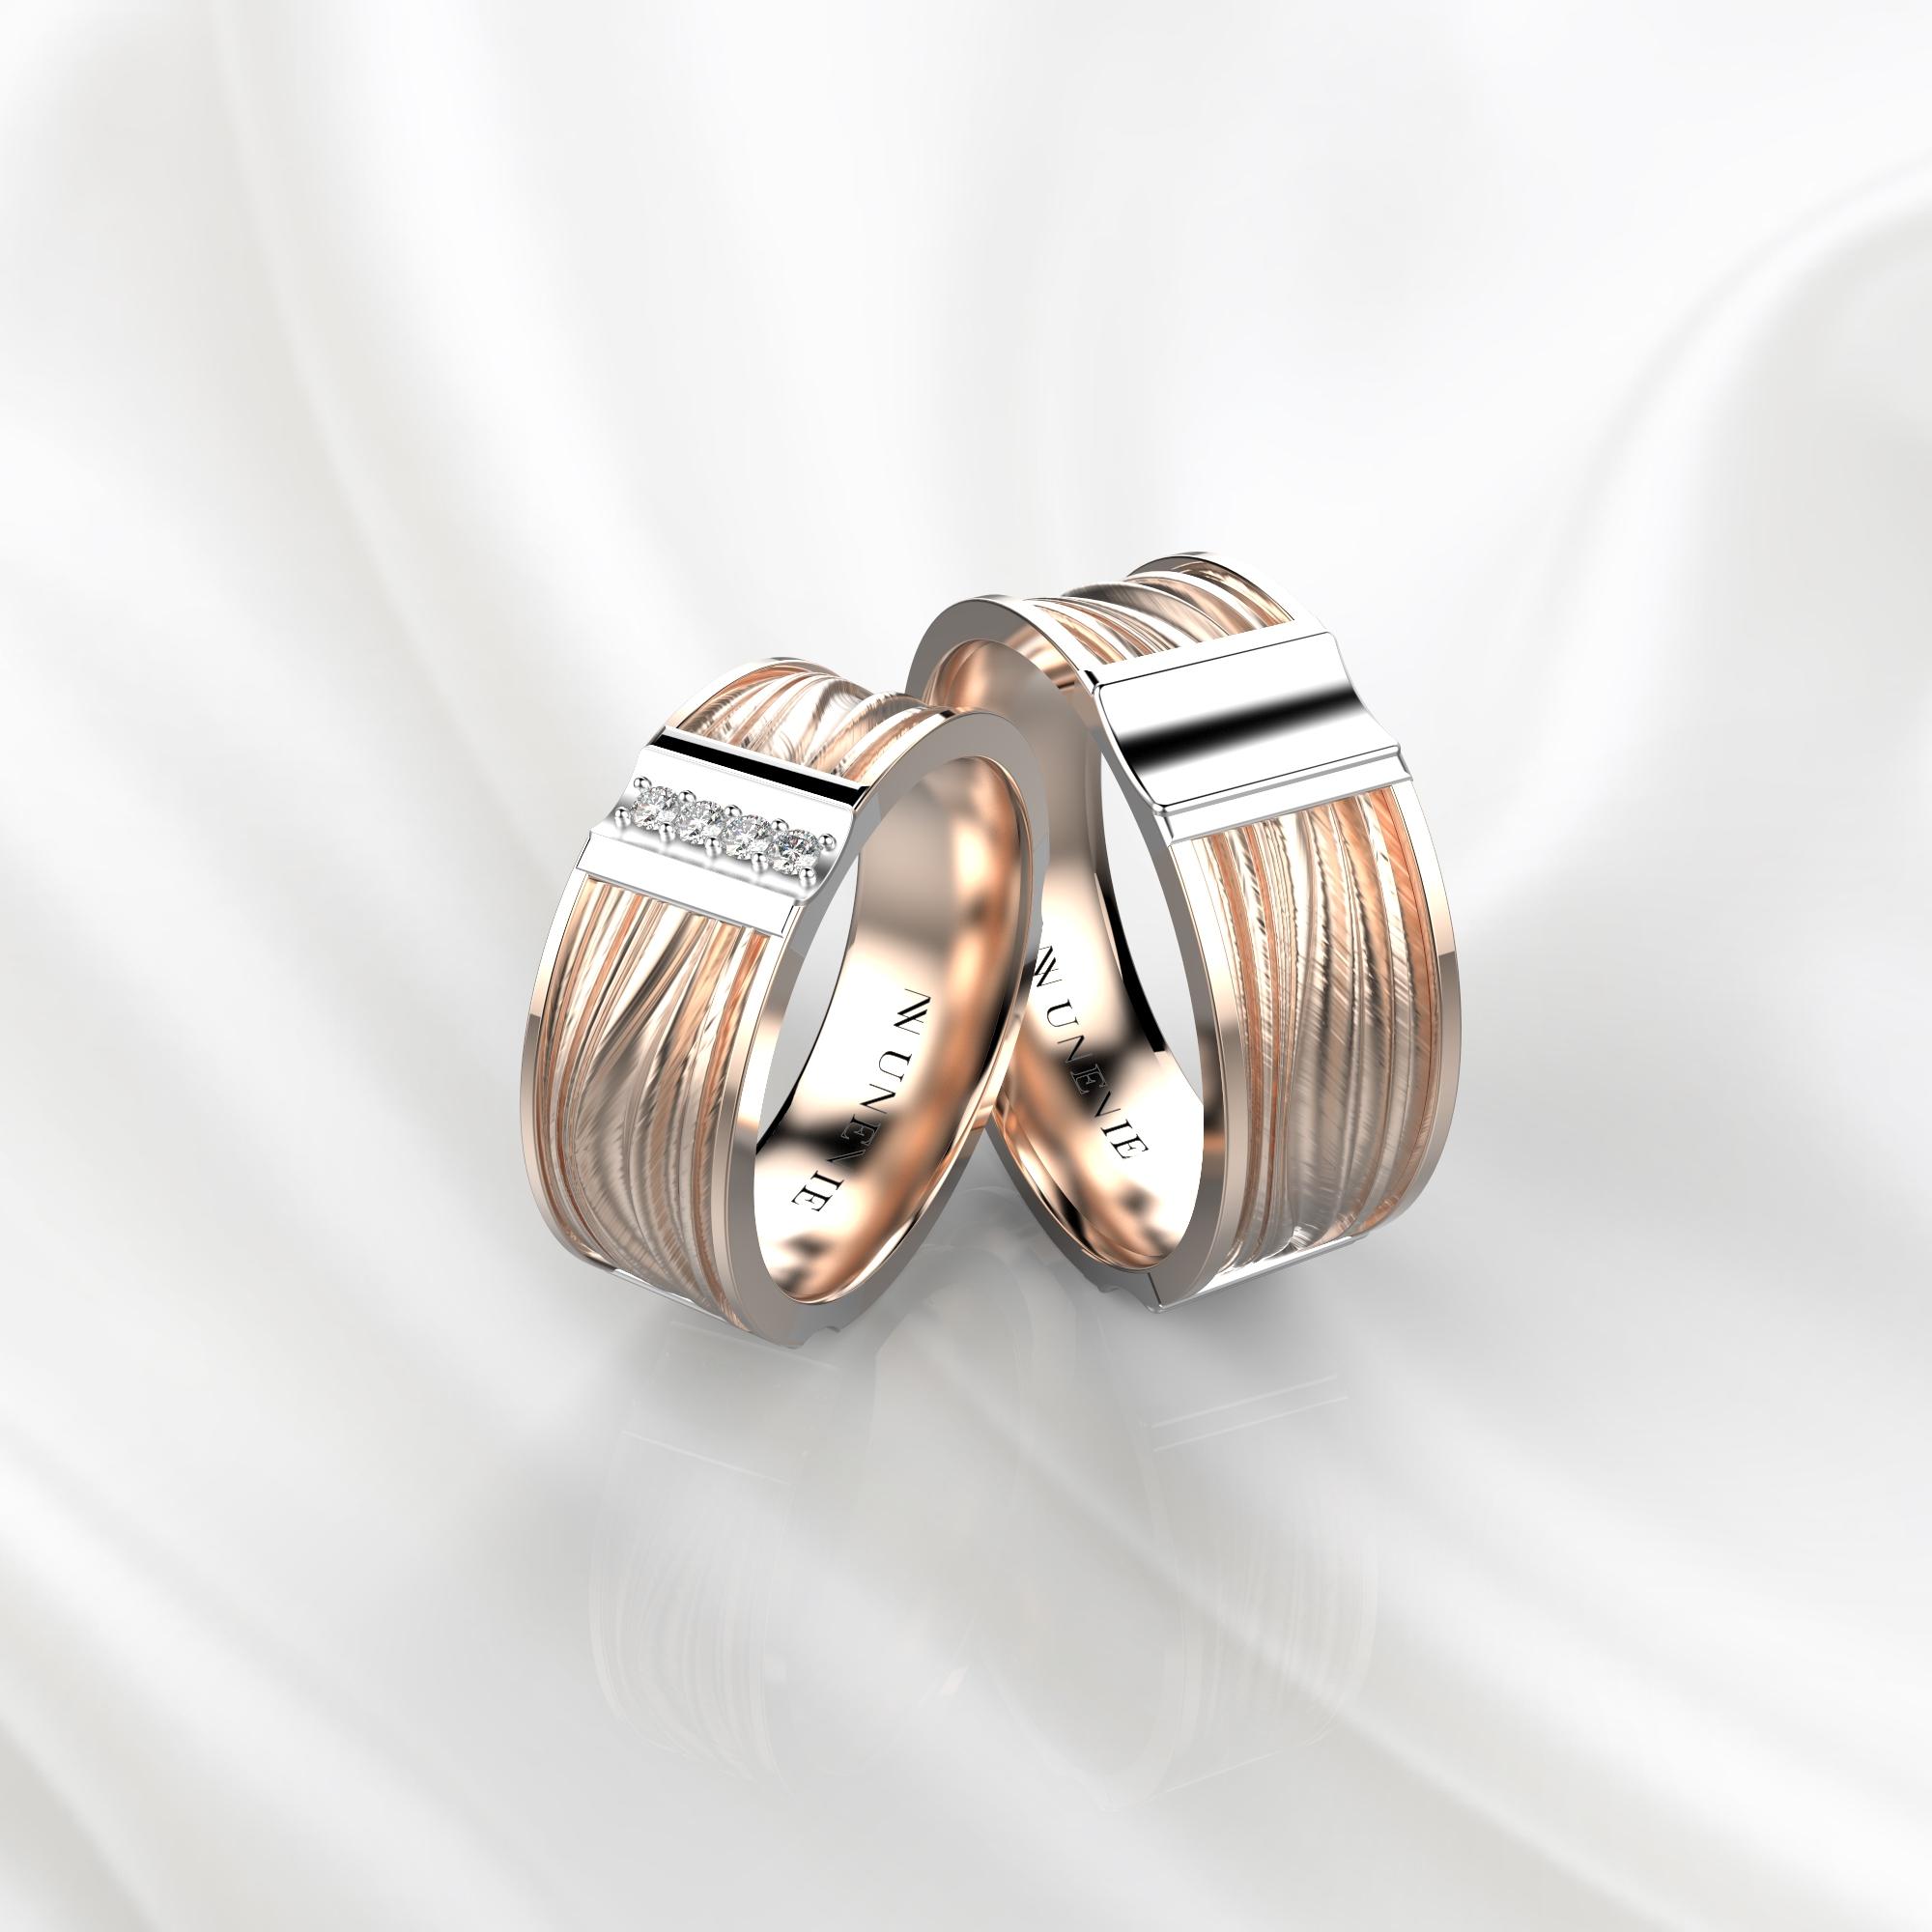 NV58 Парные обручальные кольца из розово-белого золота с бриллиантами